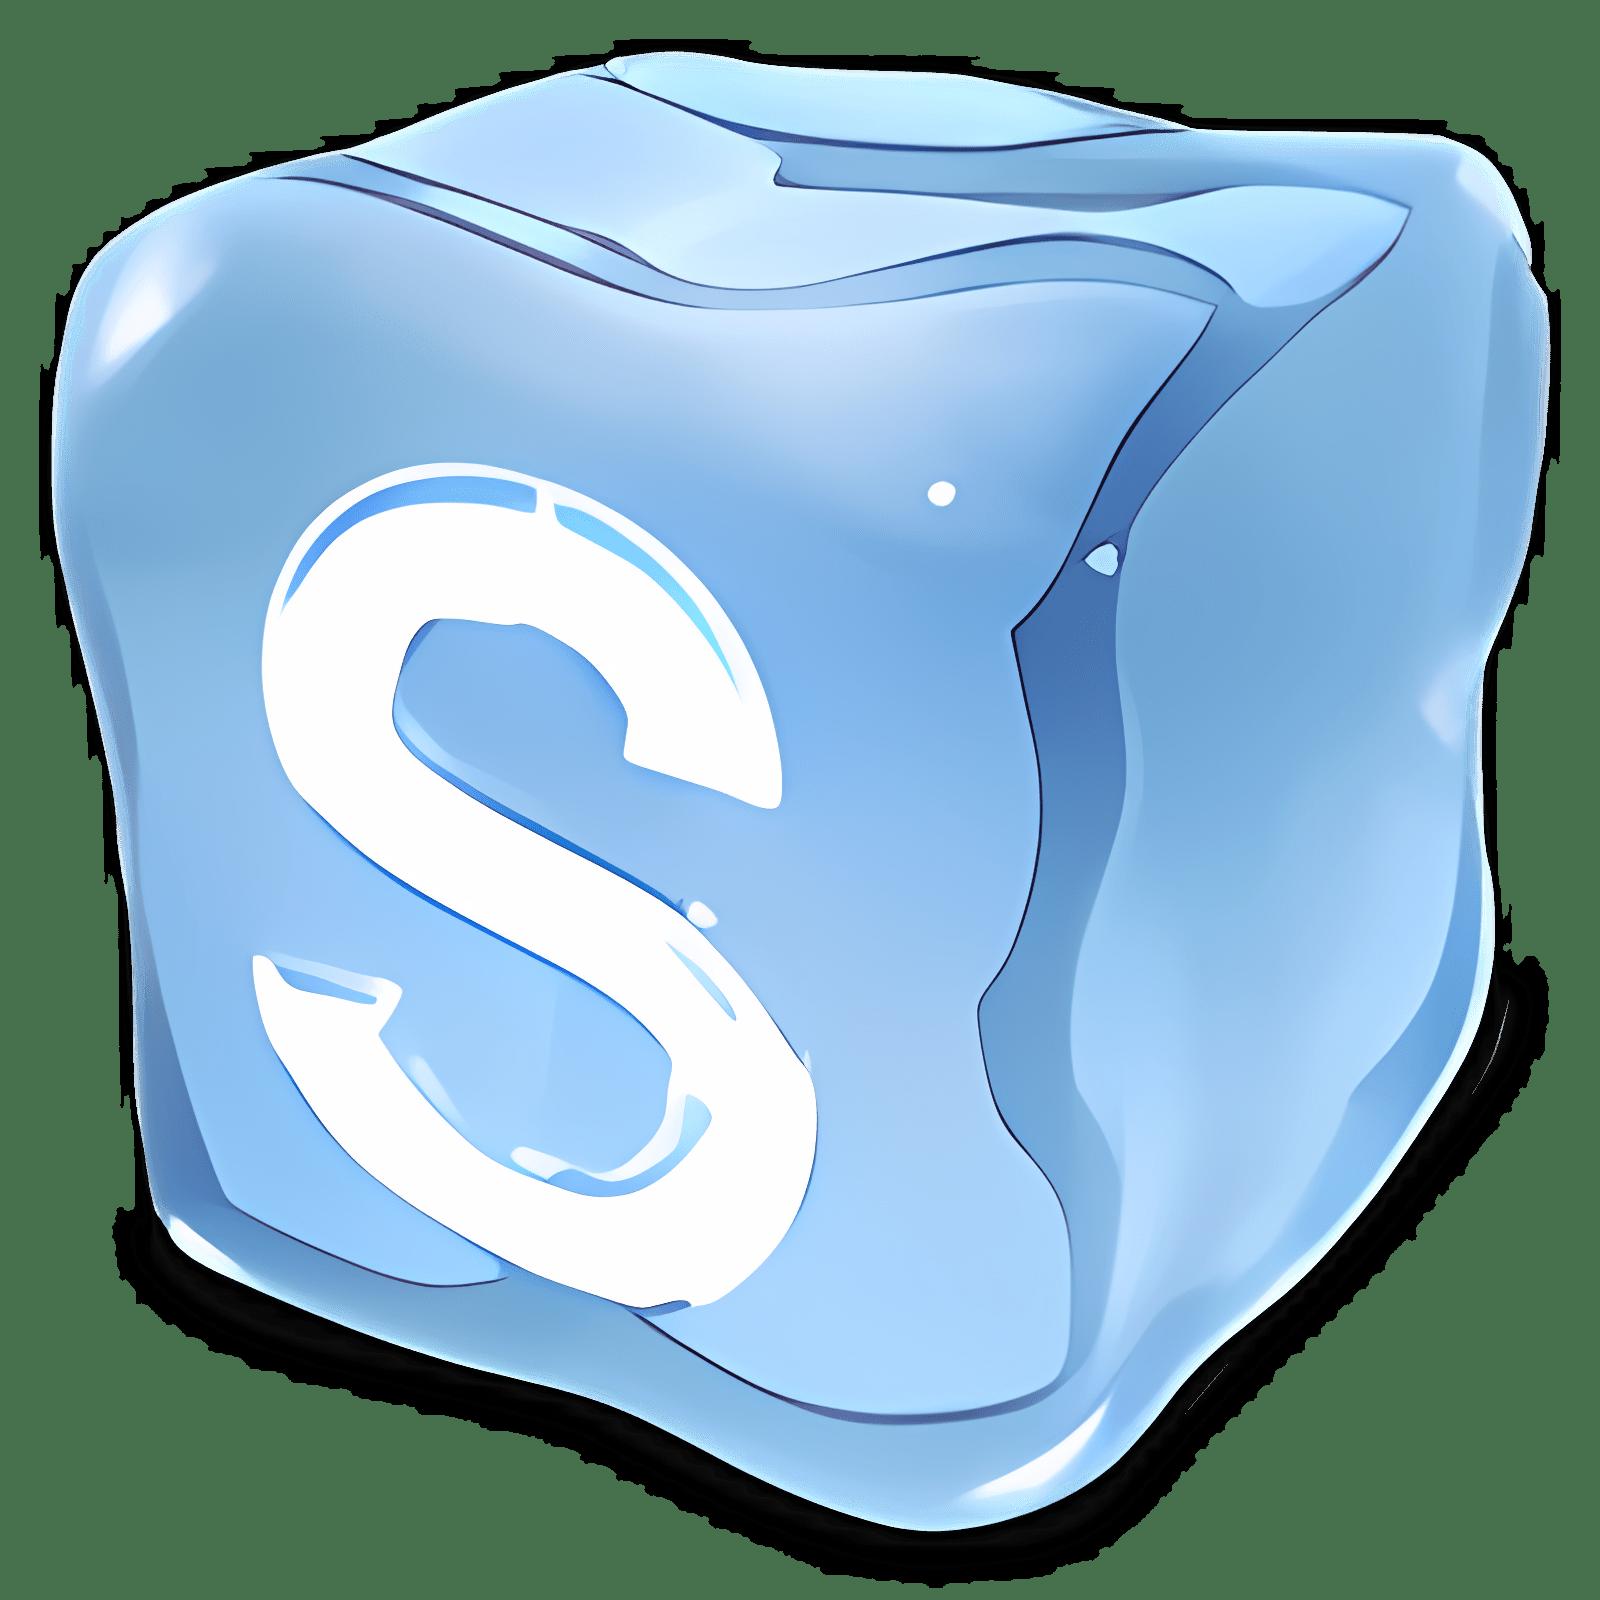 SlidePad